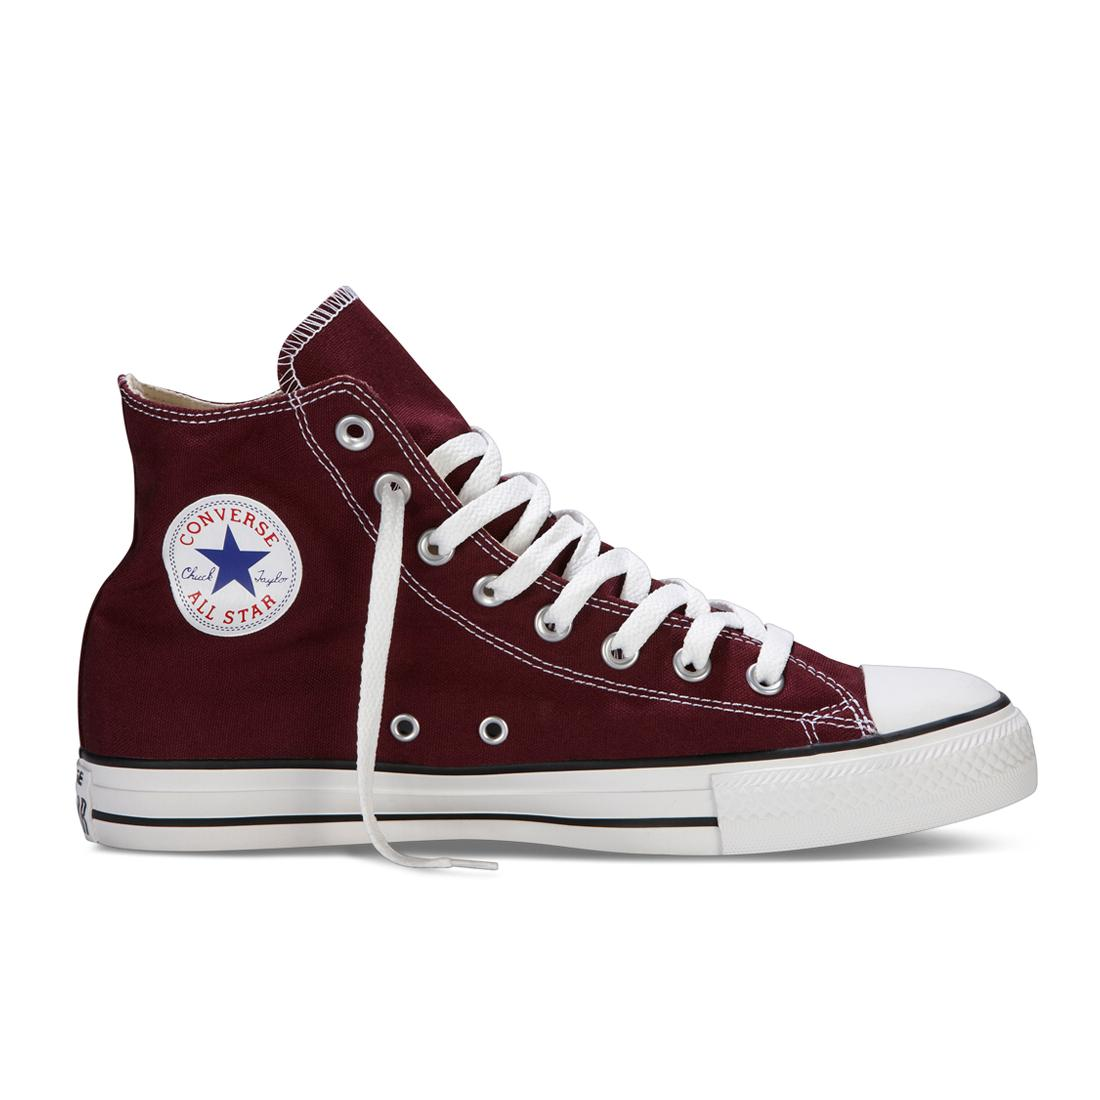 Converse Chuck Taylor All Star HI Scarpe High-Top Sneaker Donna Uomo Scarpe classiche da uomo